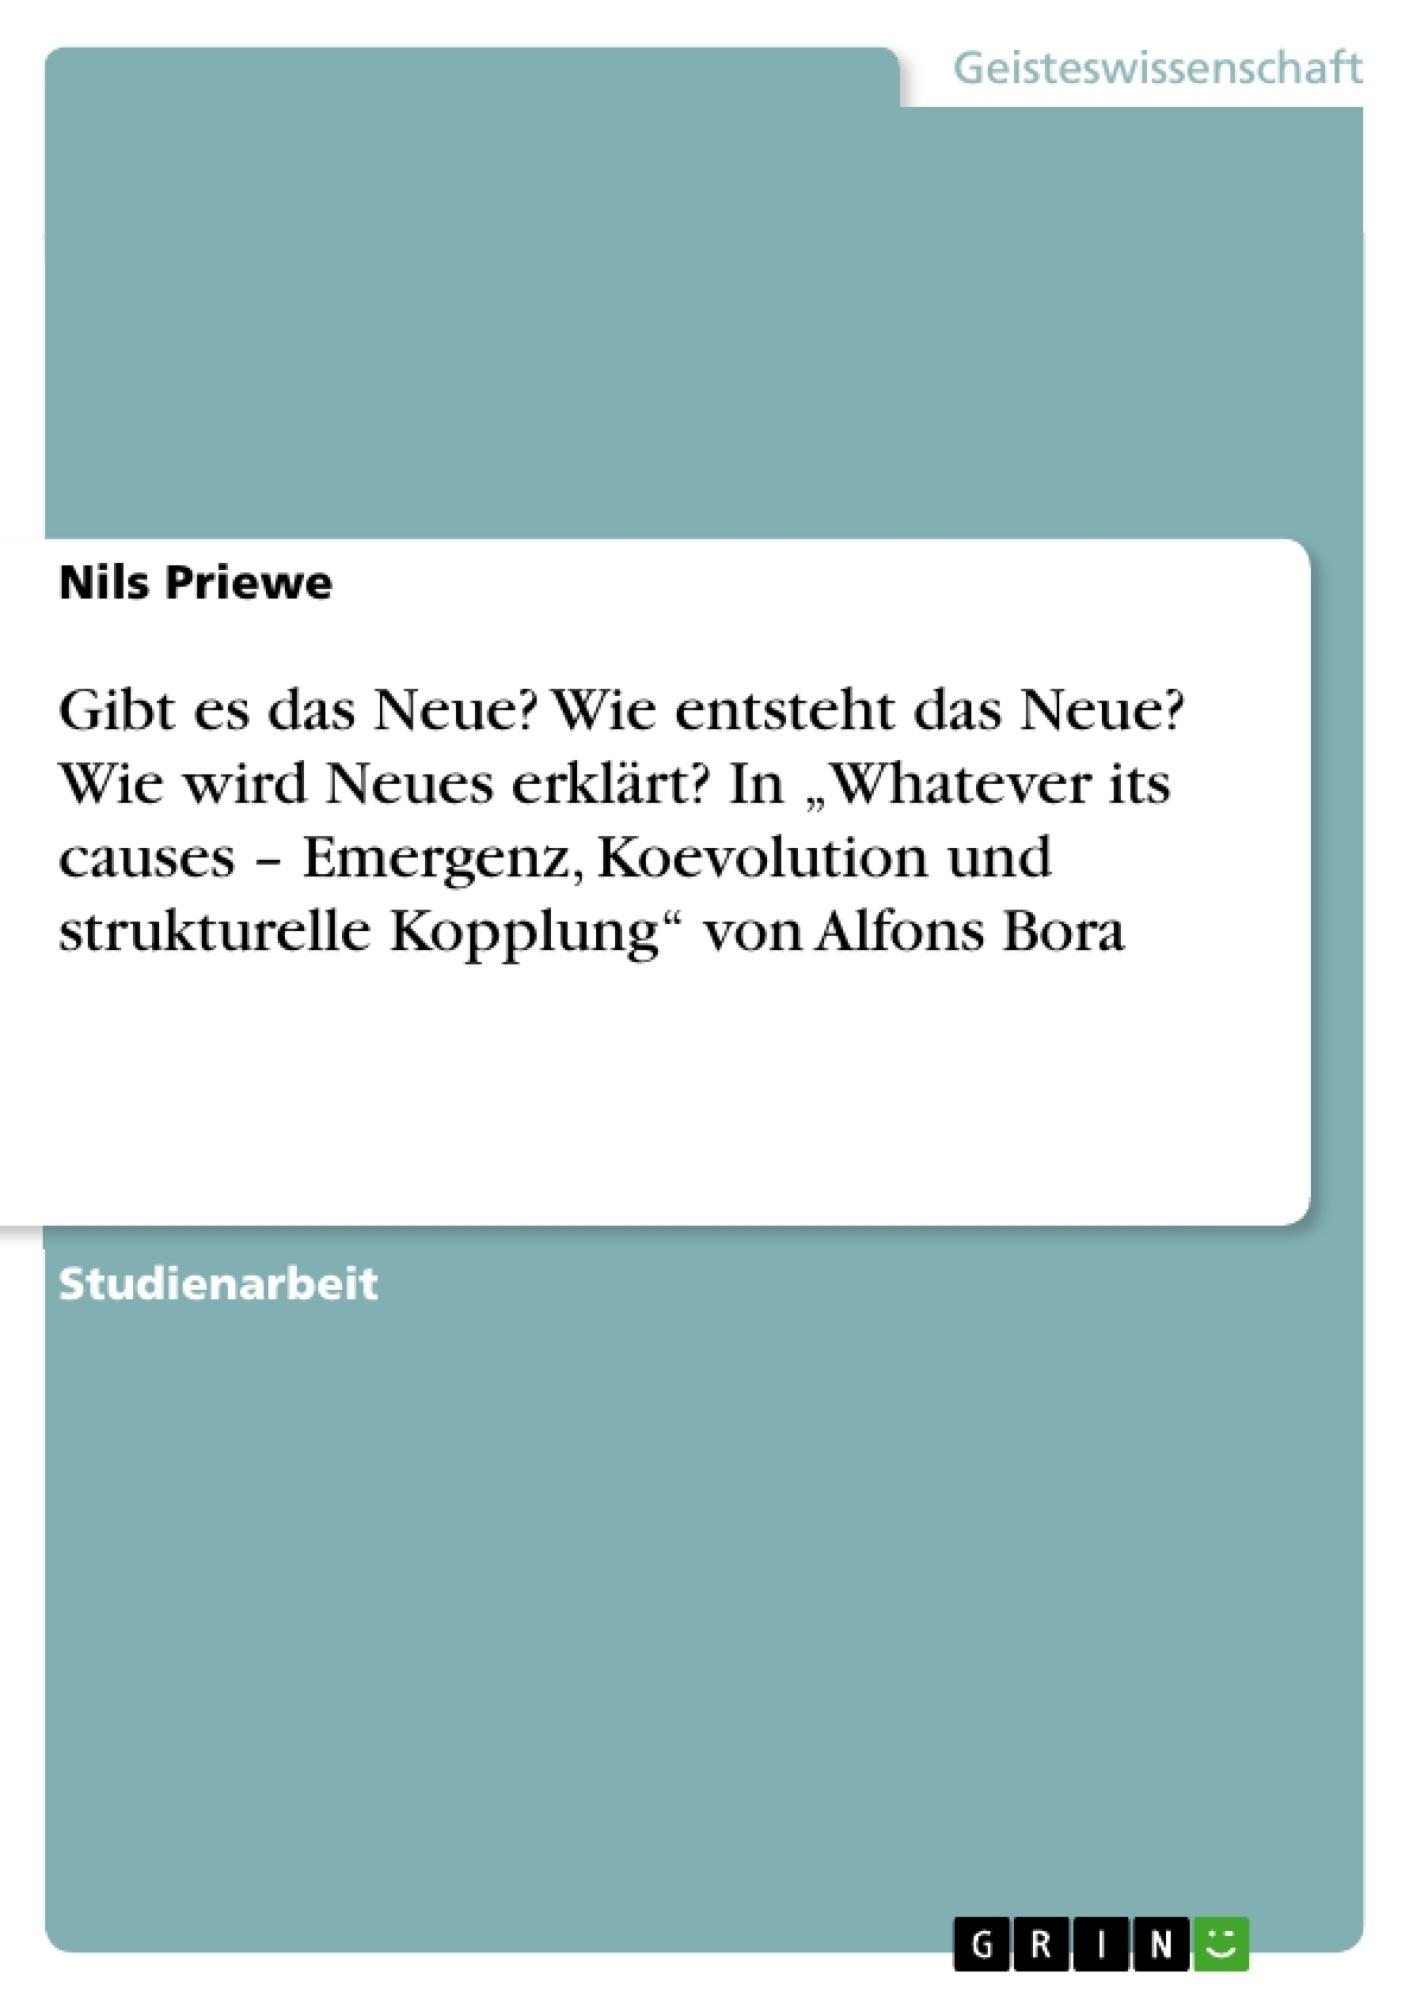 """Titel: Gibt es das Neue? Wie entsteht das Neue? Wie wird Neues erklärt? In """"Whatever its causes – Emergenz, Koevolution und strukturelle Kopplung"""" von Alfons Bora"""